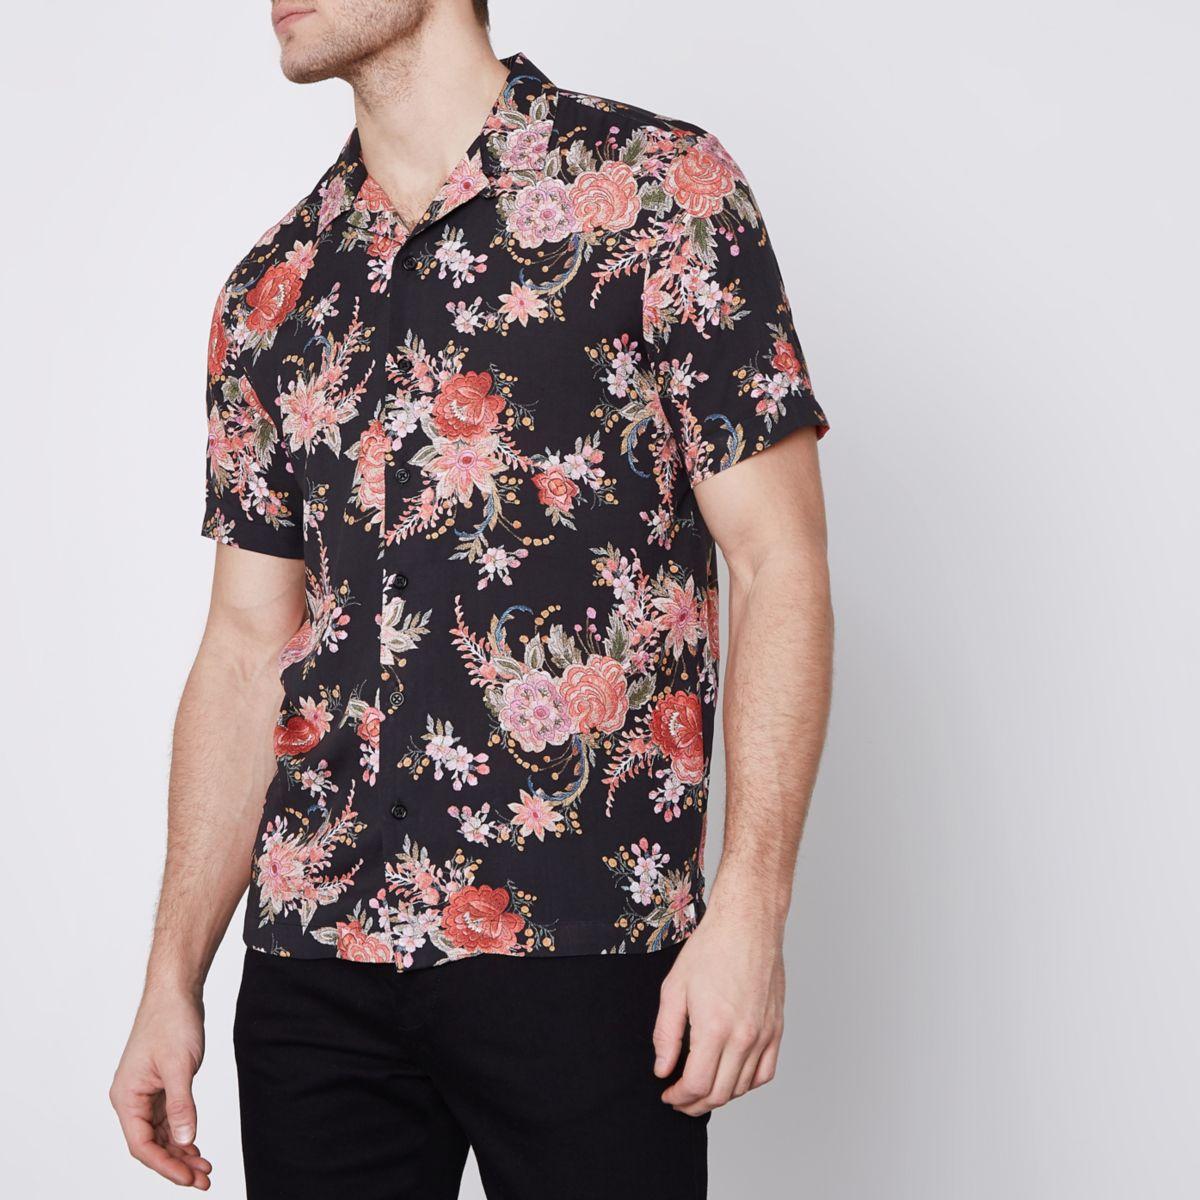 Schwarzes Kurzarmhemd mit Blumenmuster